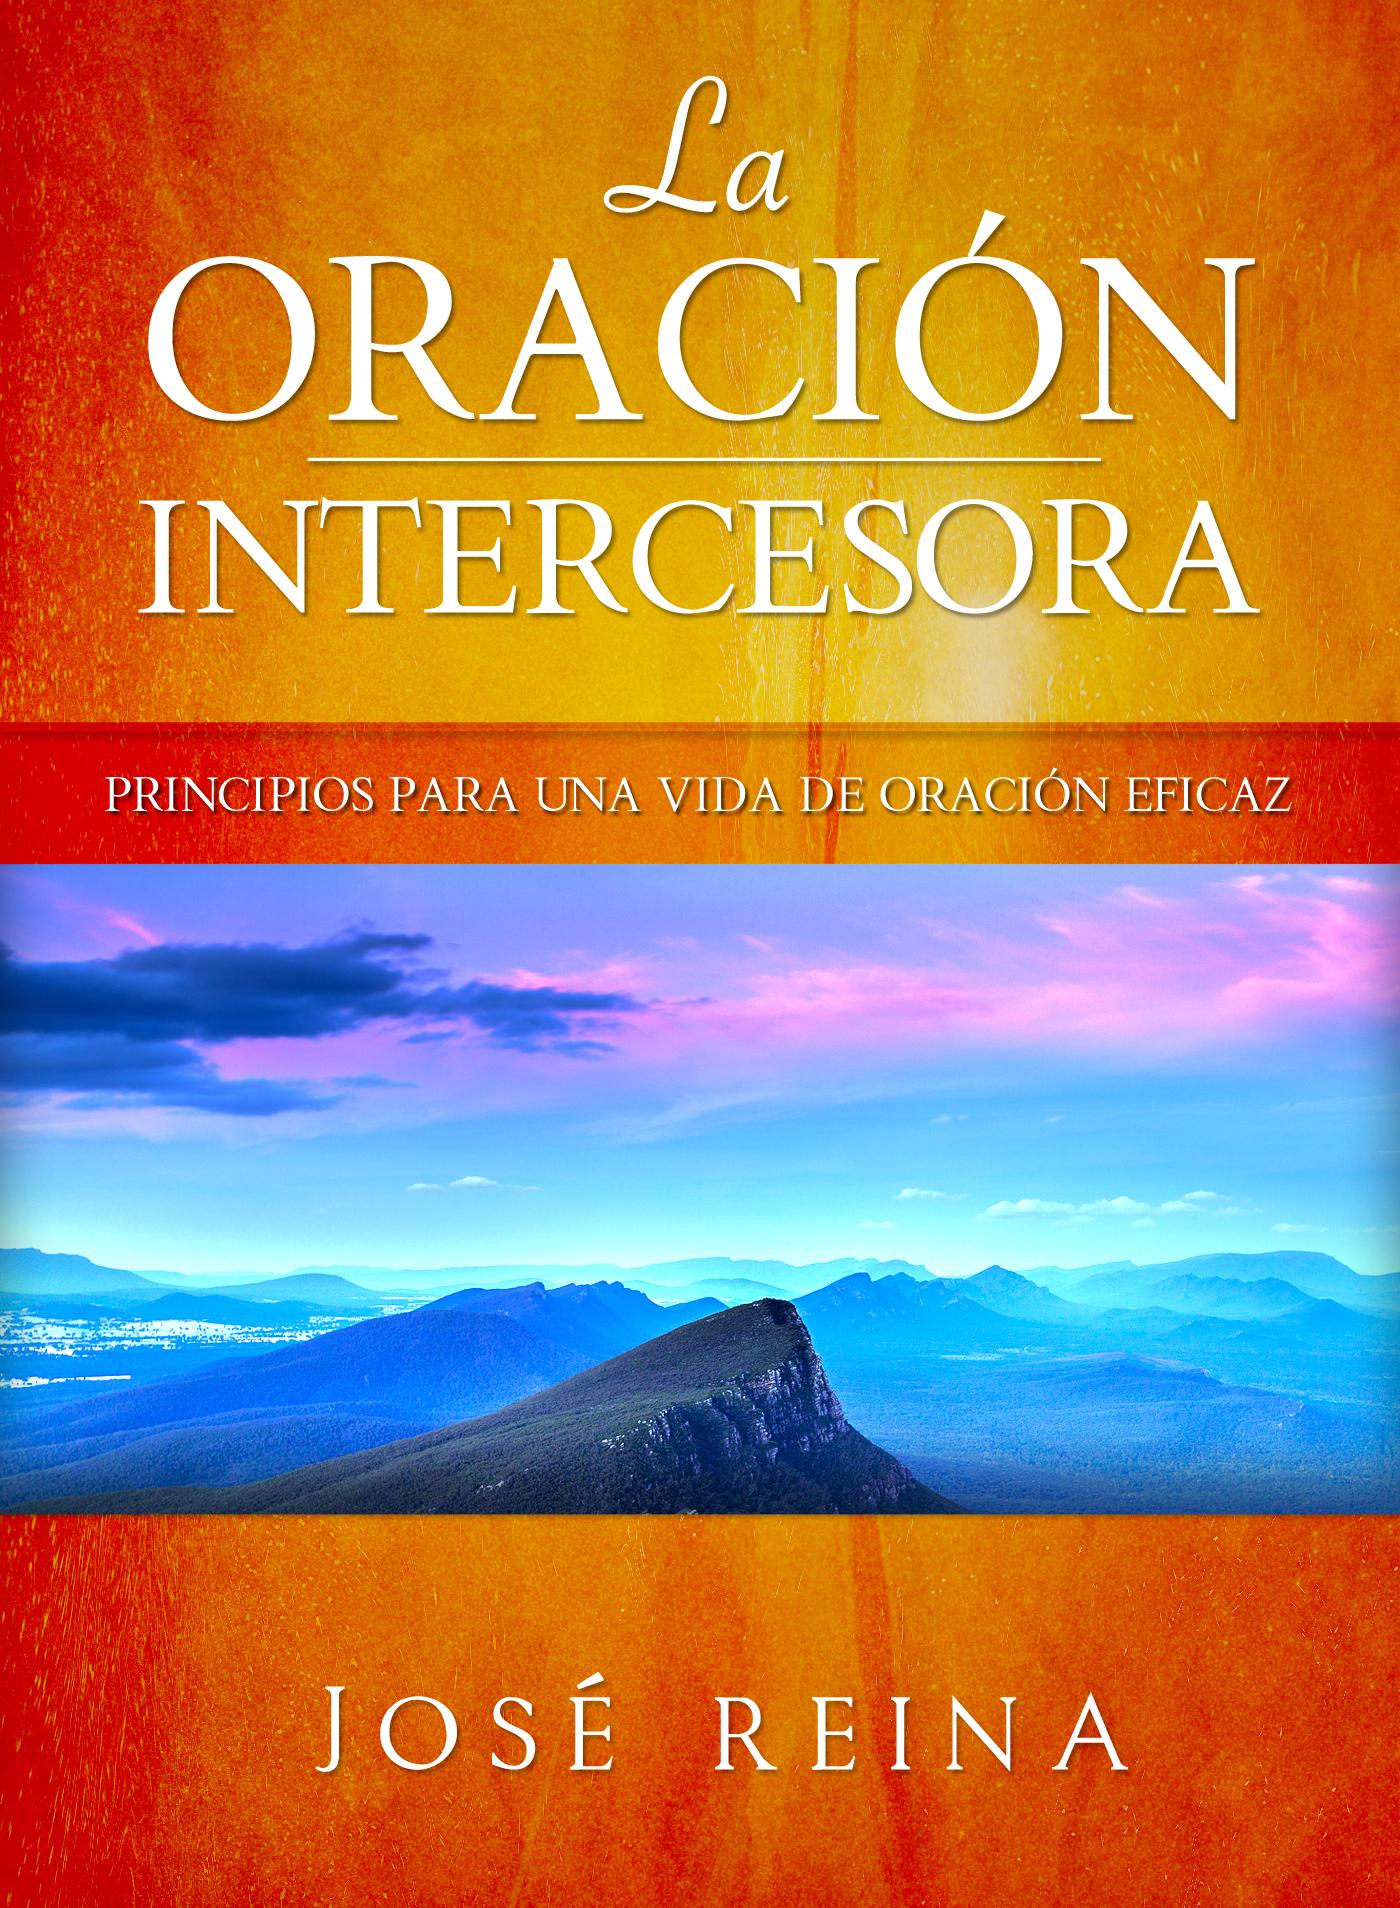 Libro: La Oración Intercesora - Principios para una vida de oración eficaz